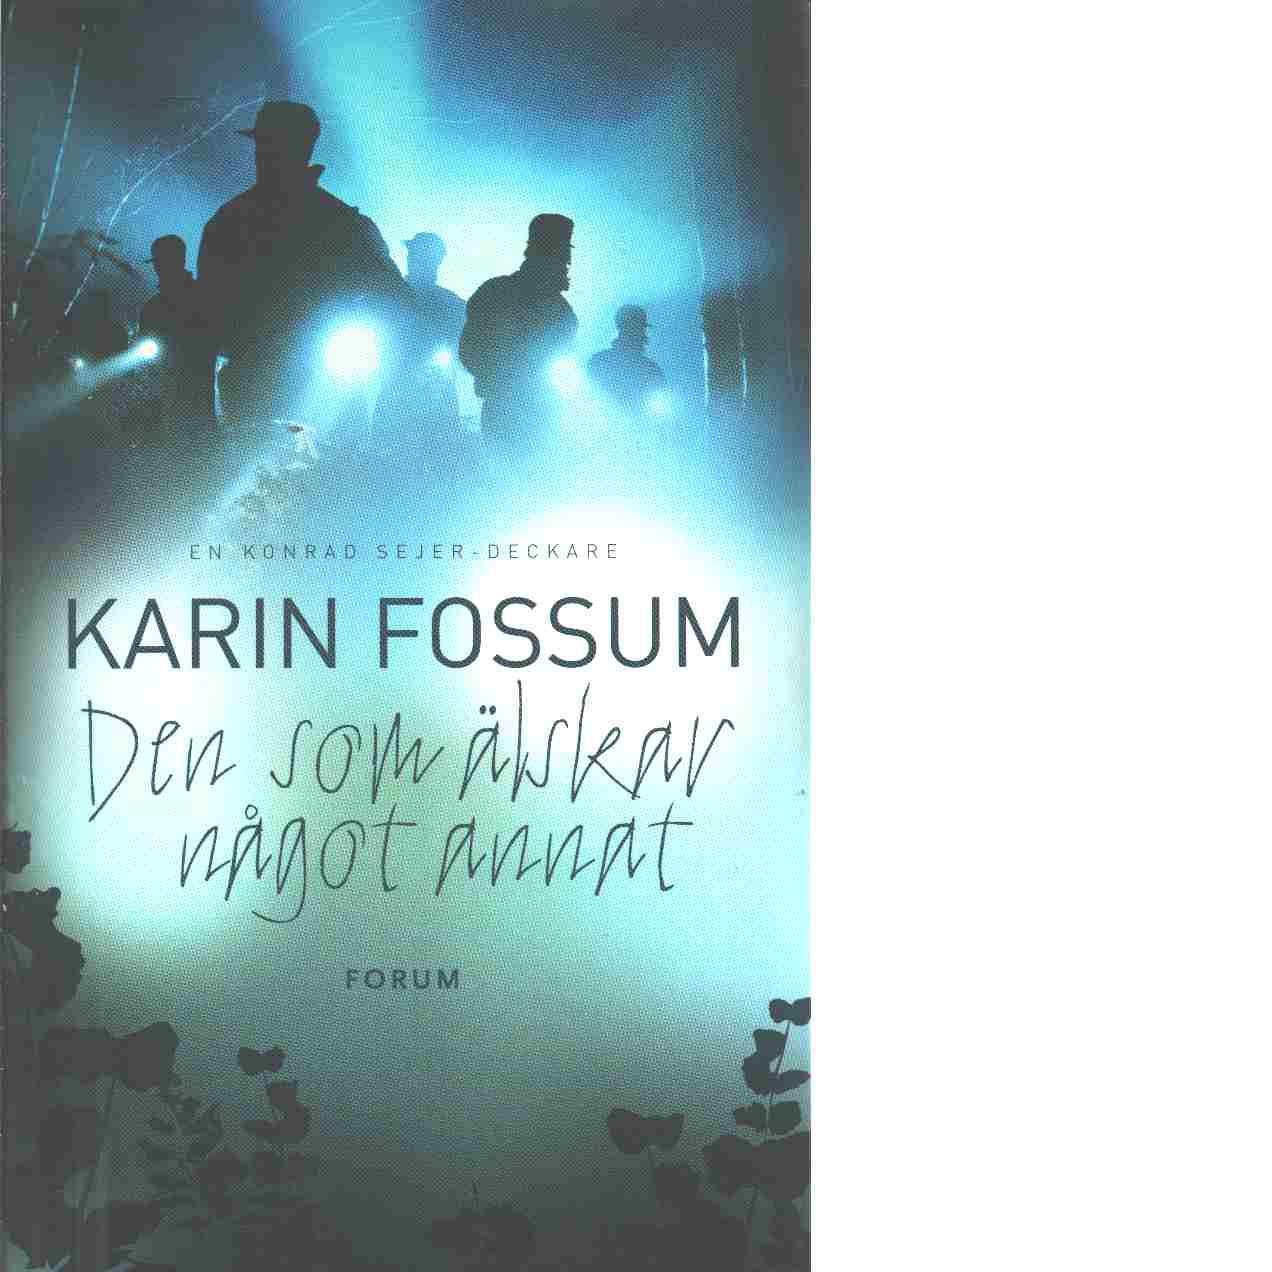 Den som älskar något annat - Fossum, Karin